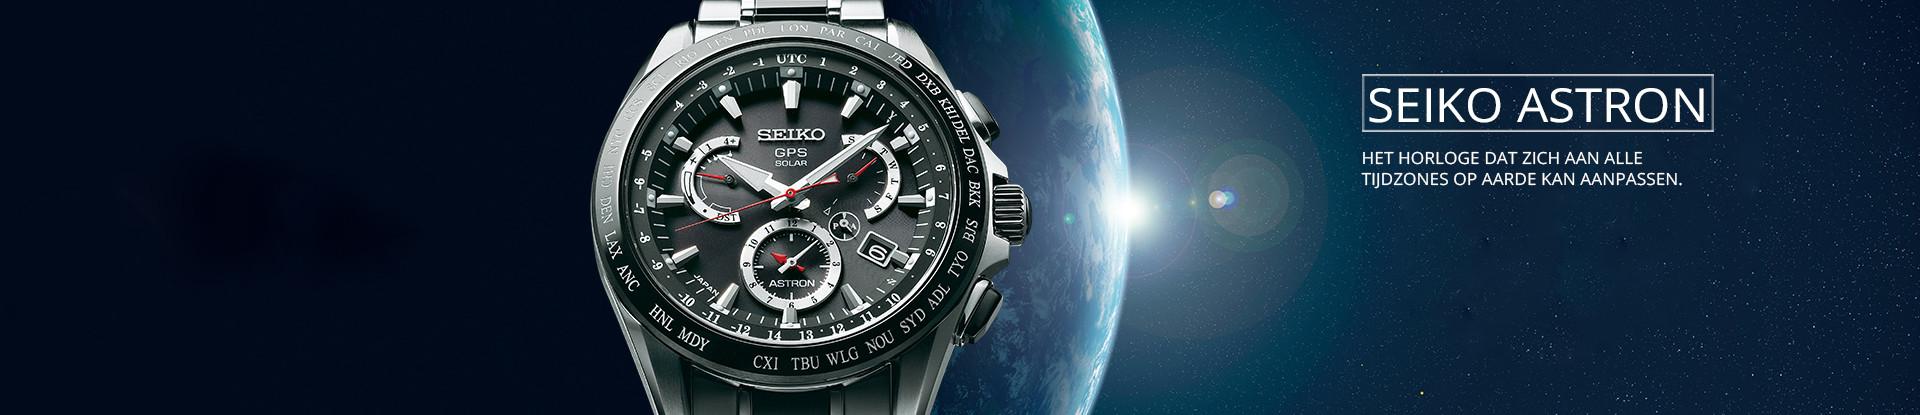 Seiko Astron Horloge